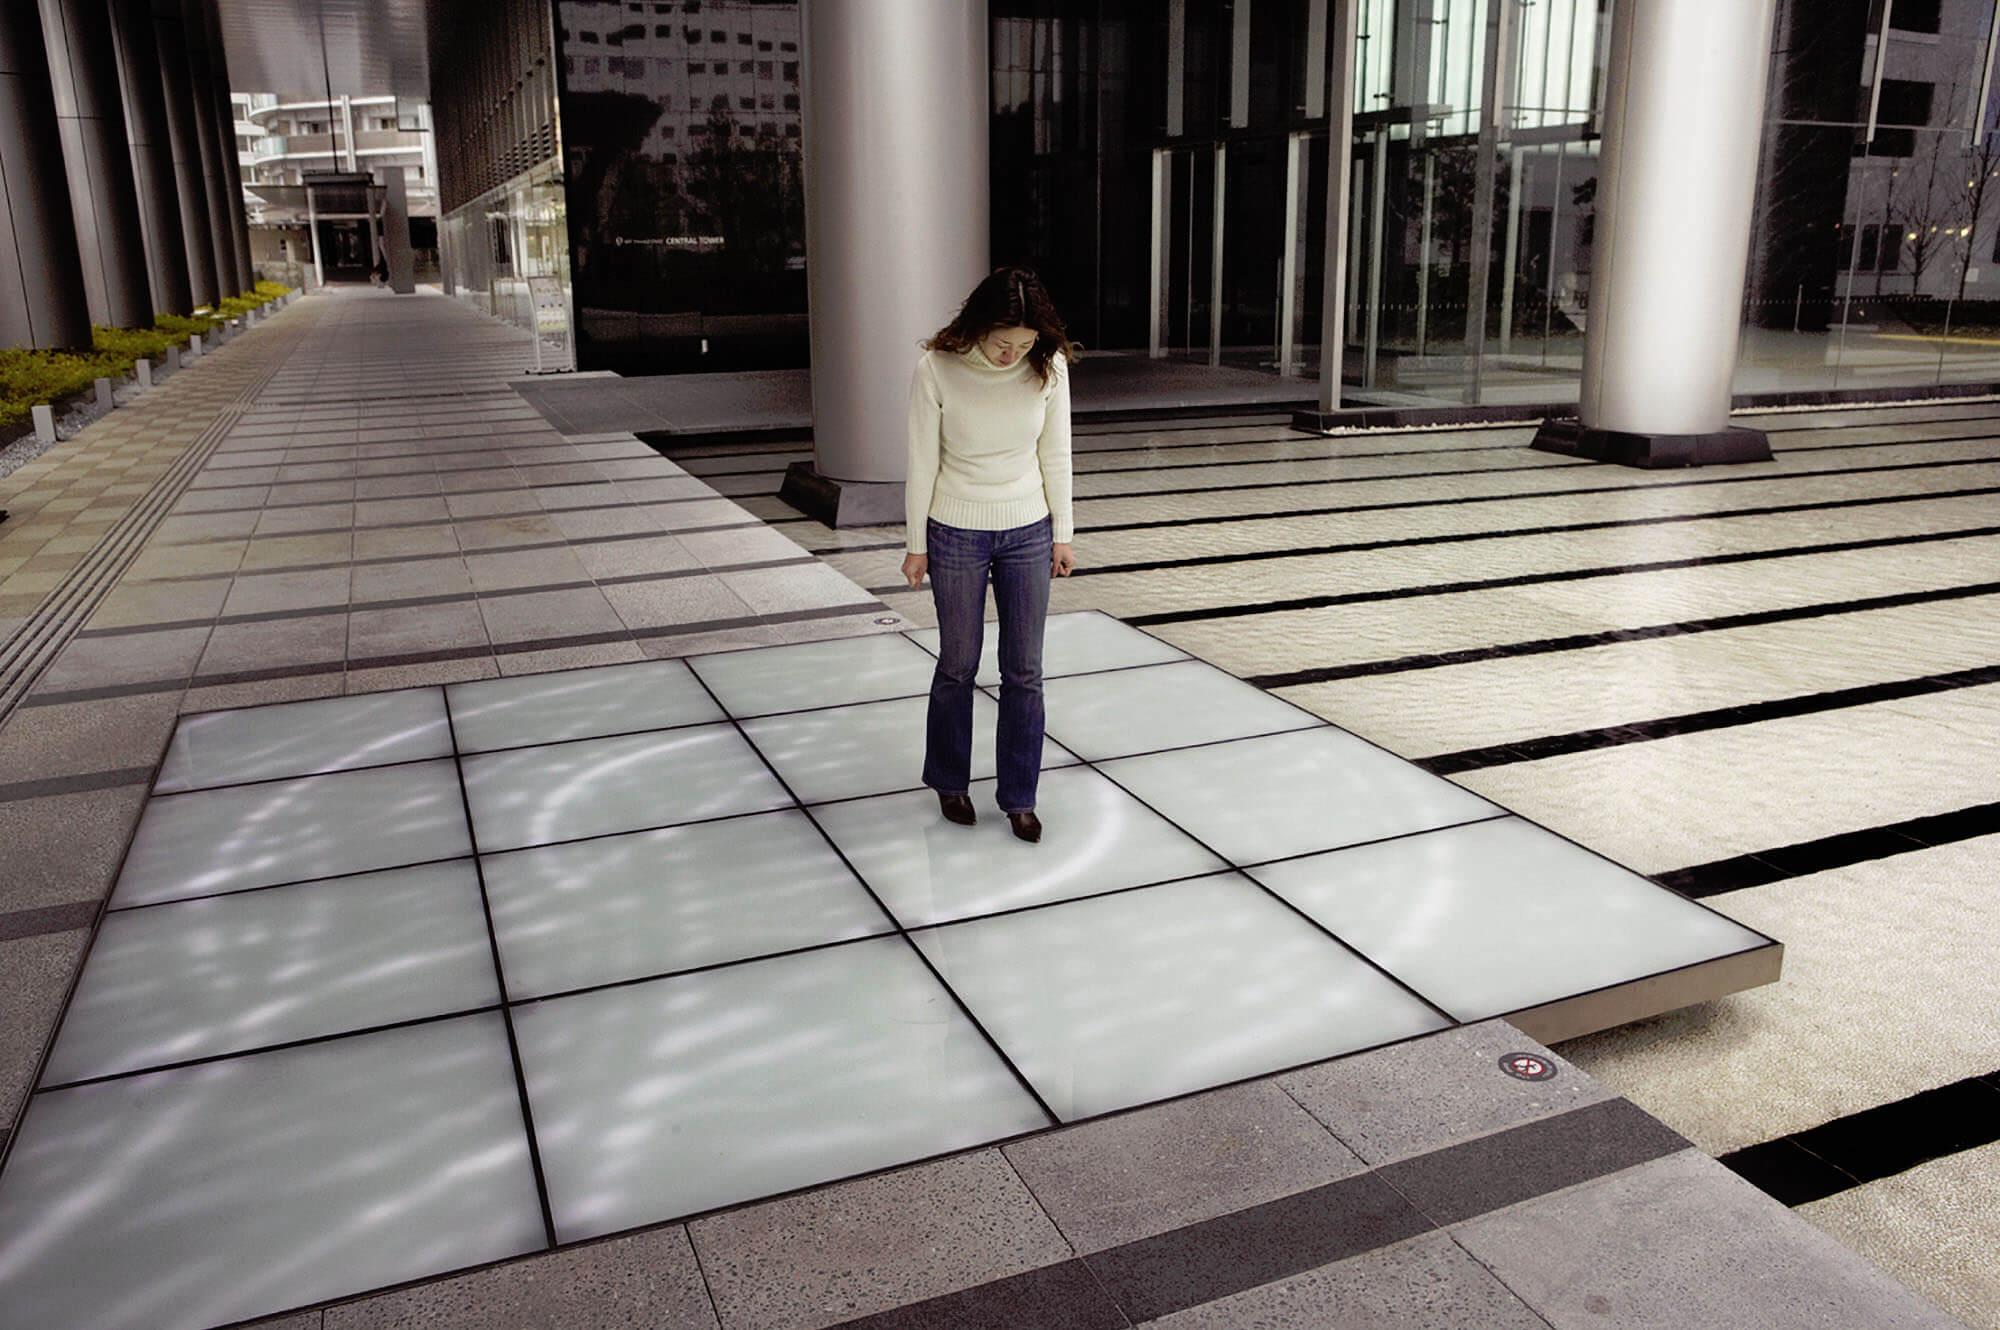 ヨアヒム・ザウター デュアリティ 現代美術 Contemporary Art